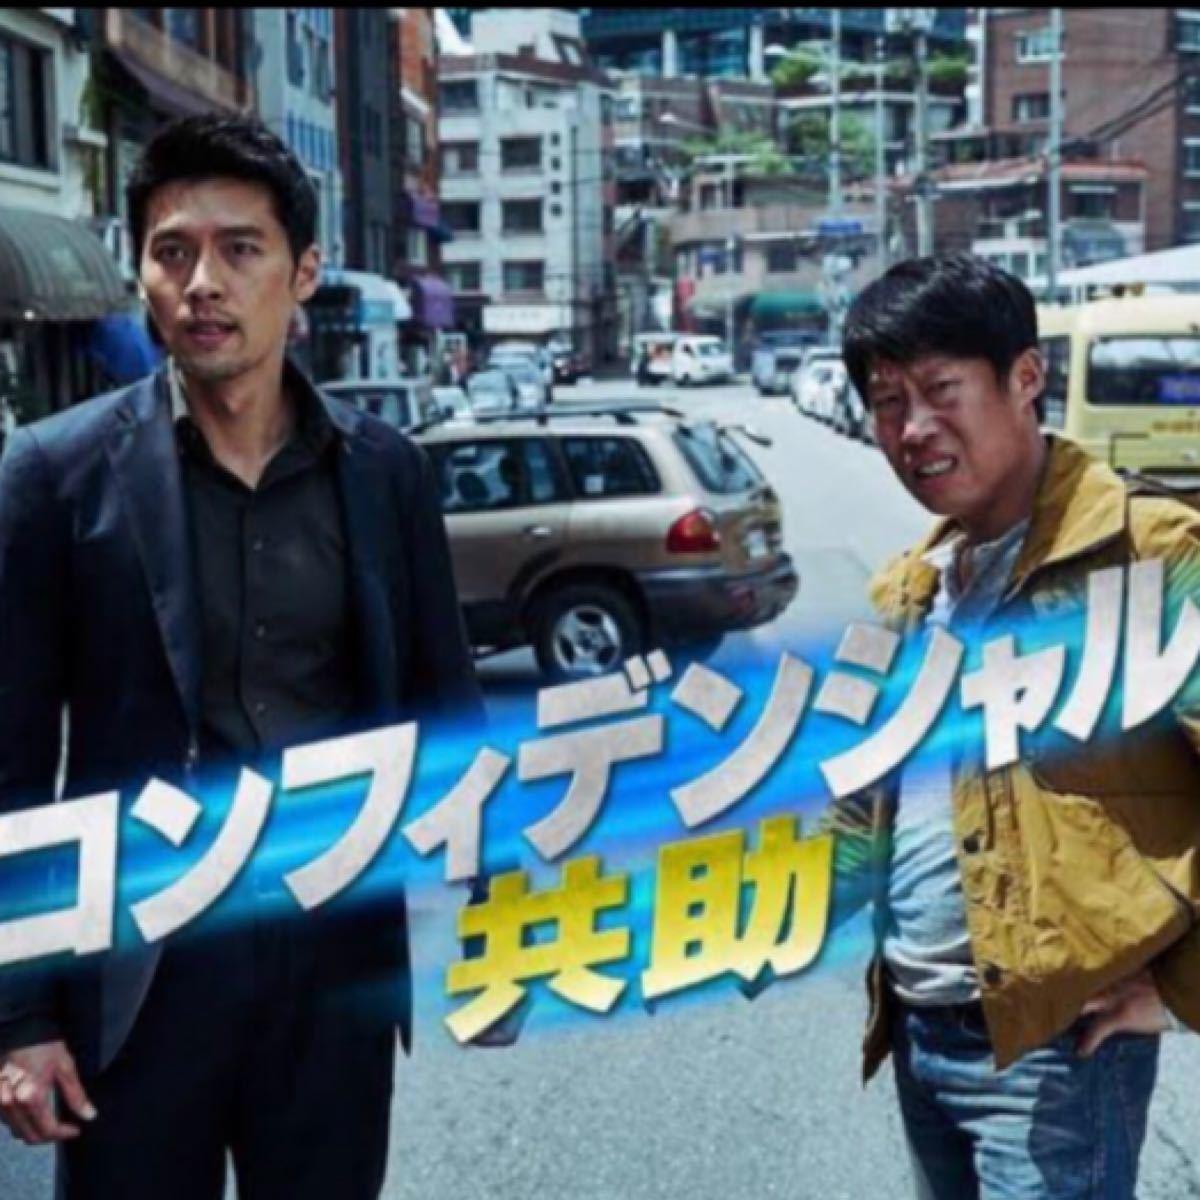 韓国映画  コンフィデンシャル  共助  ヒョンビン  ユナ  ユ・ヘジン  DVD  日本語吹替有り 特典映像有り レーベル有り